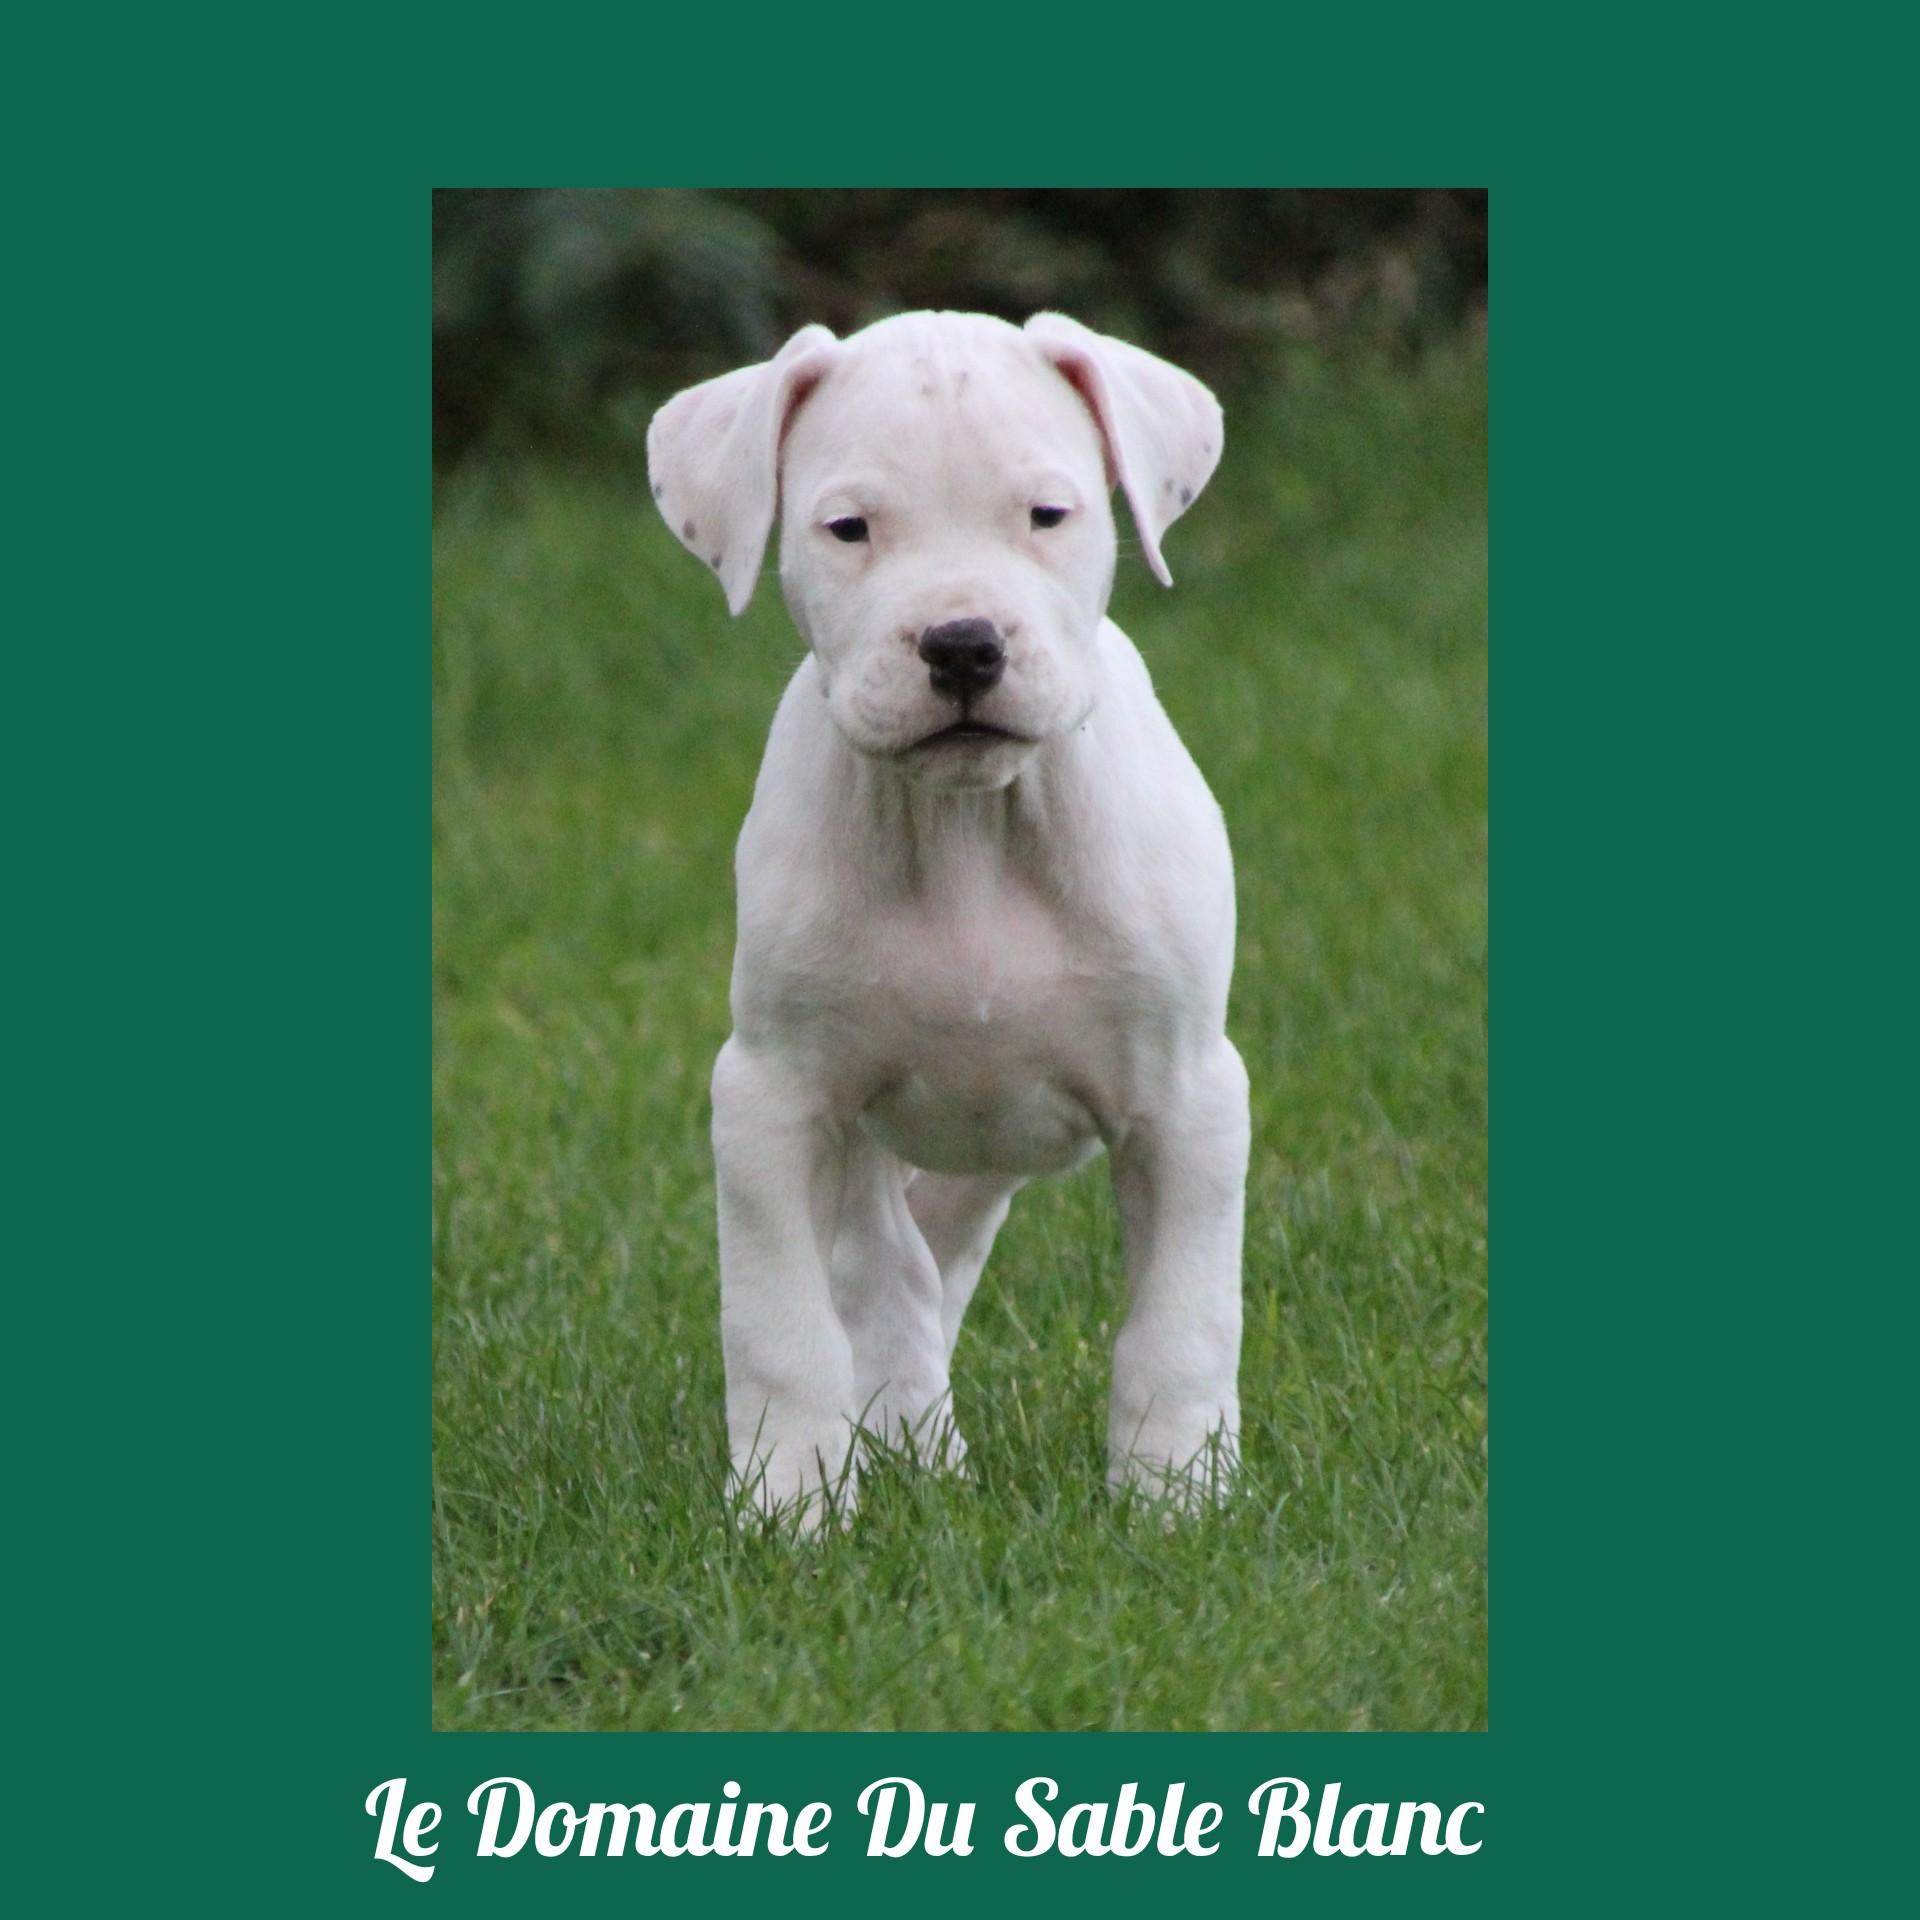 Otcho du Domaine du Sable Blanc Dogo Argentino